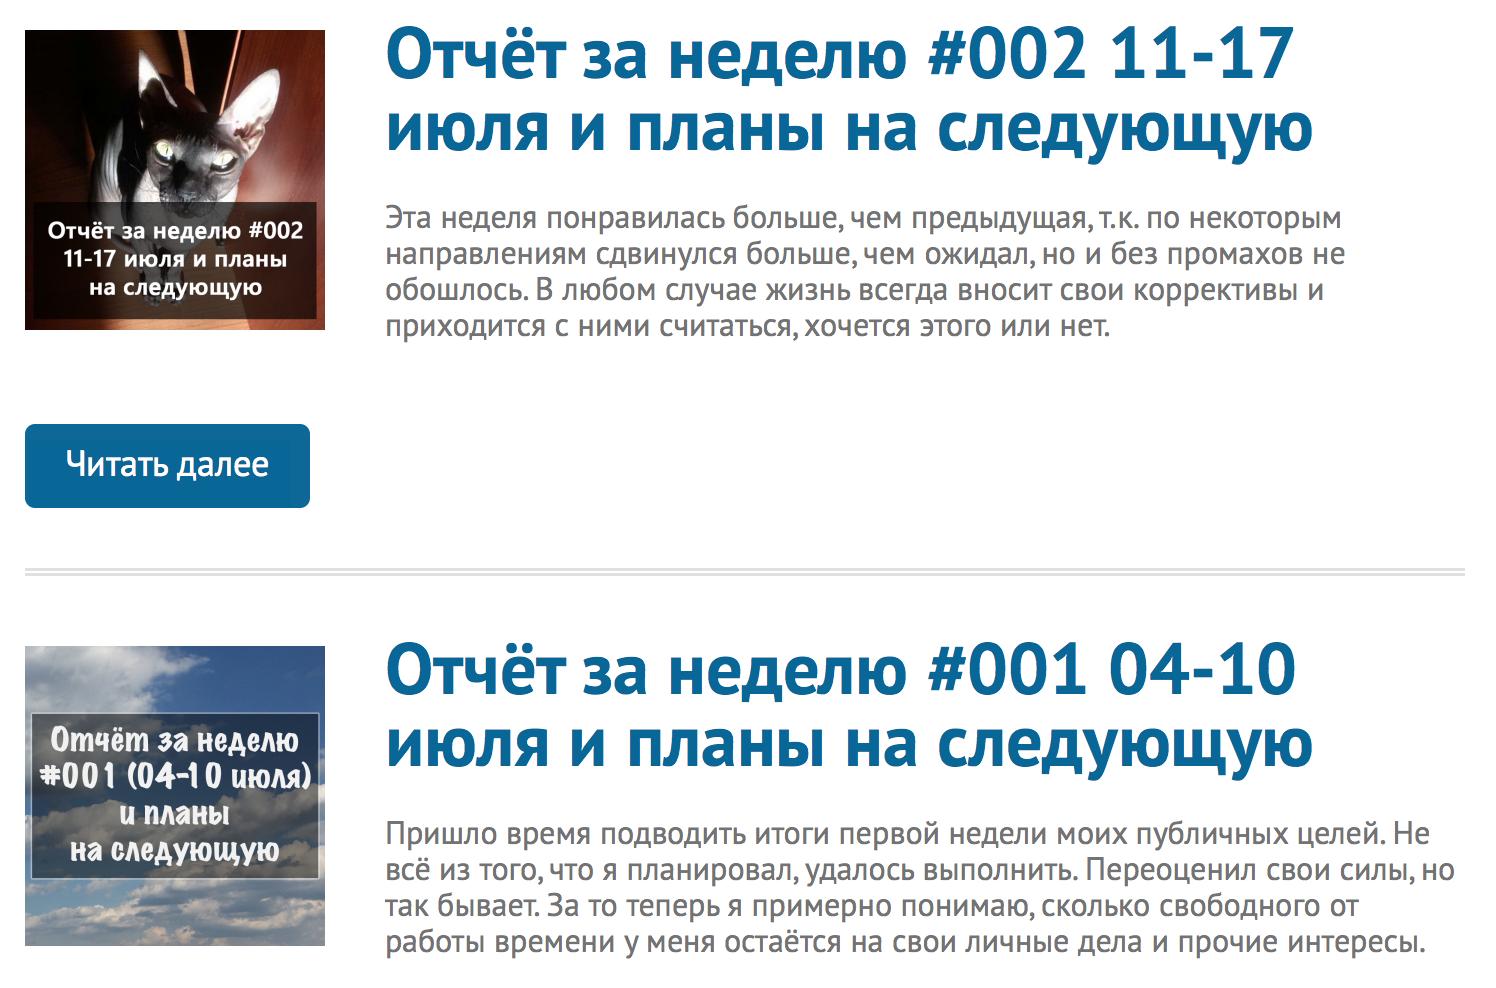 Пример записей на главной странице блога